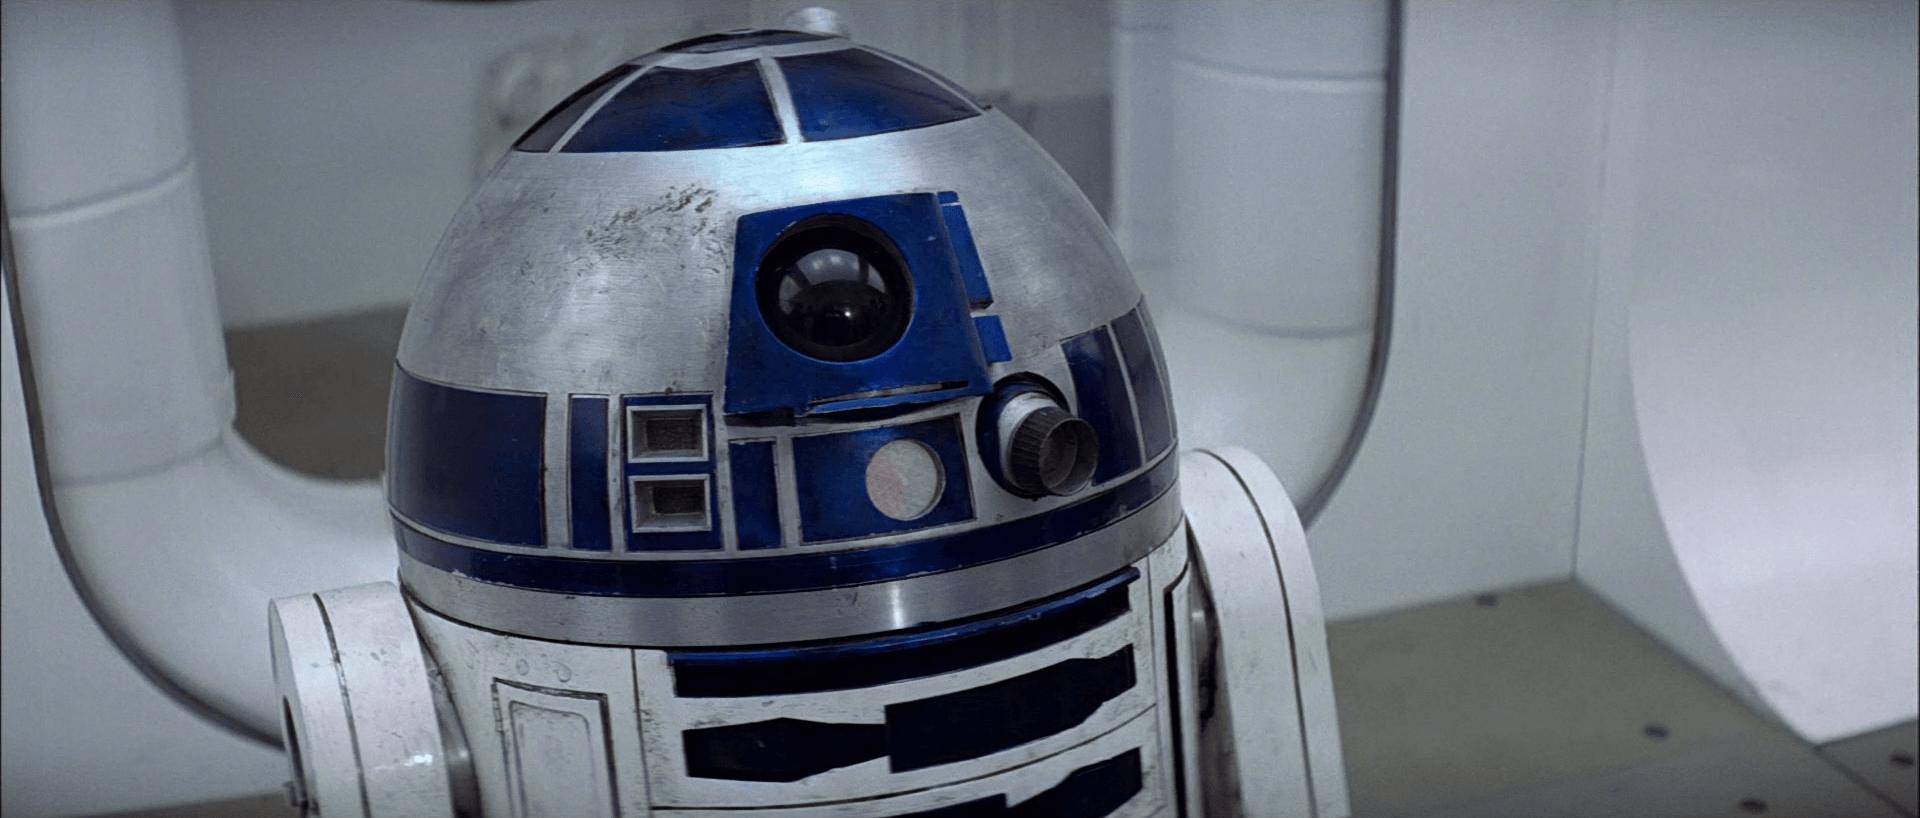 R2-D2の紹介画像です。